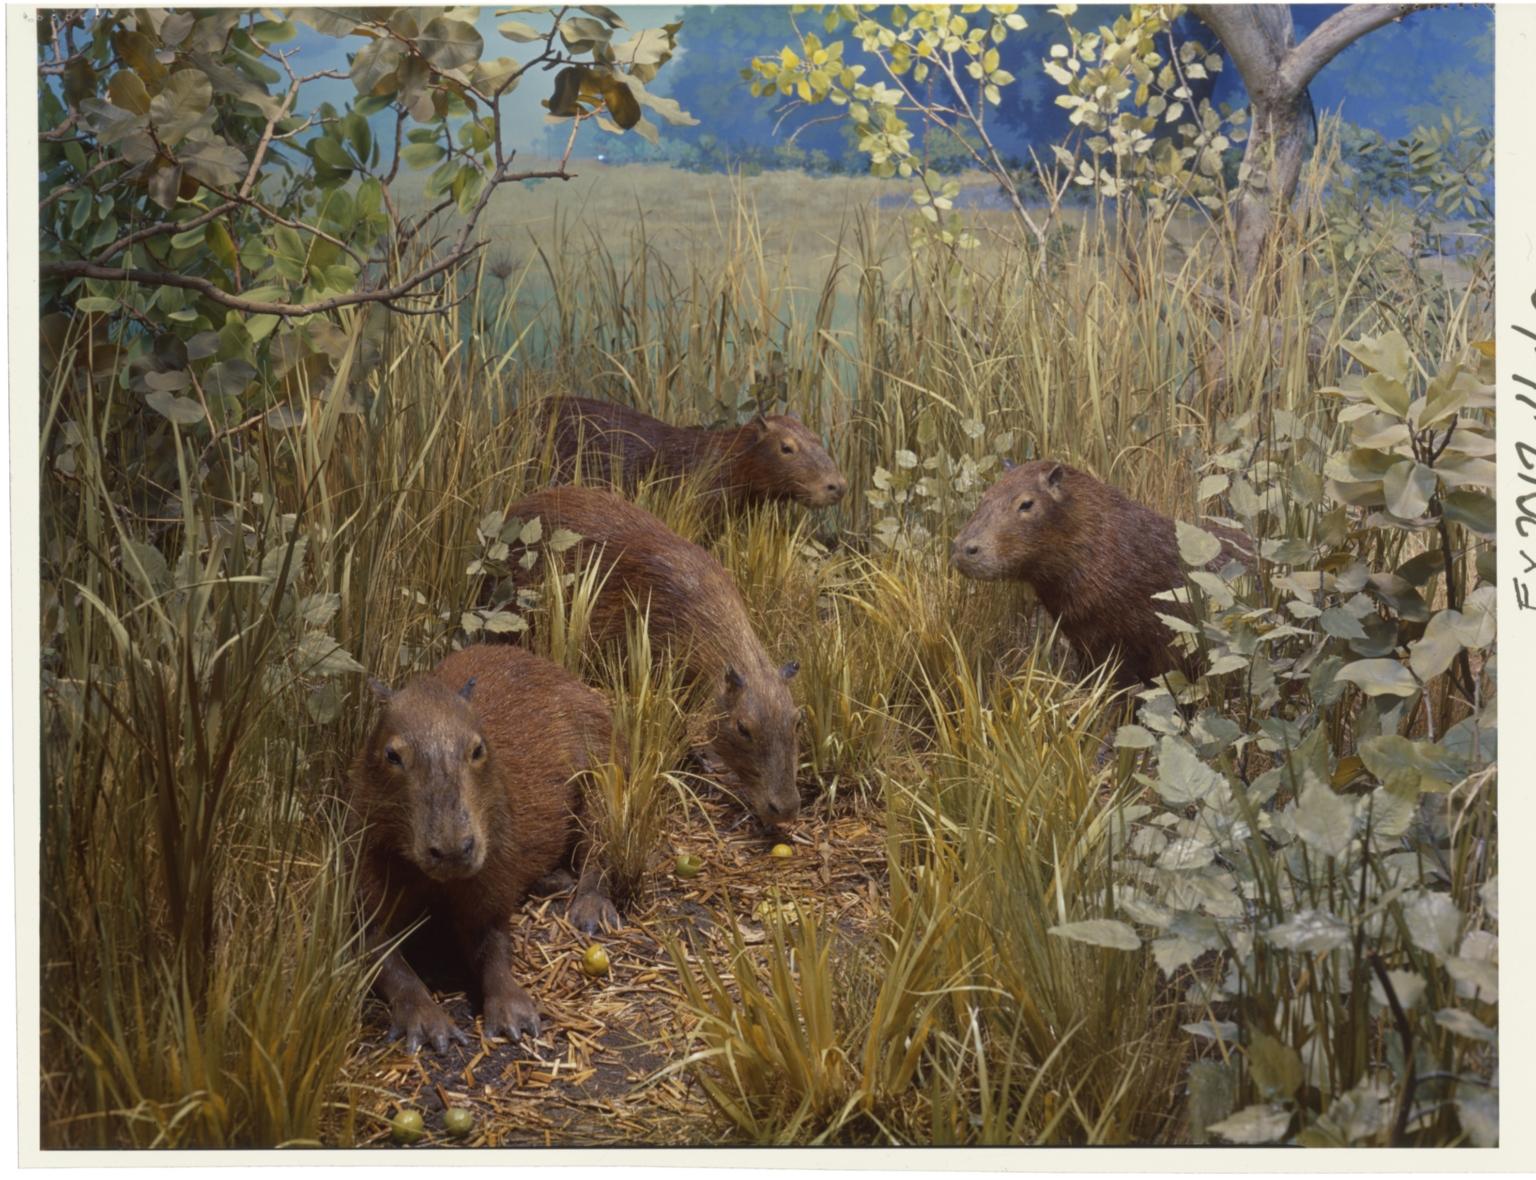 Capybara in South America diorama